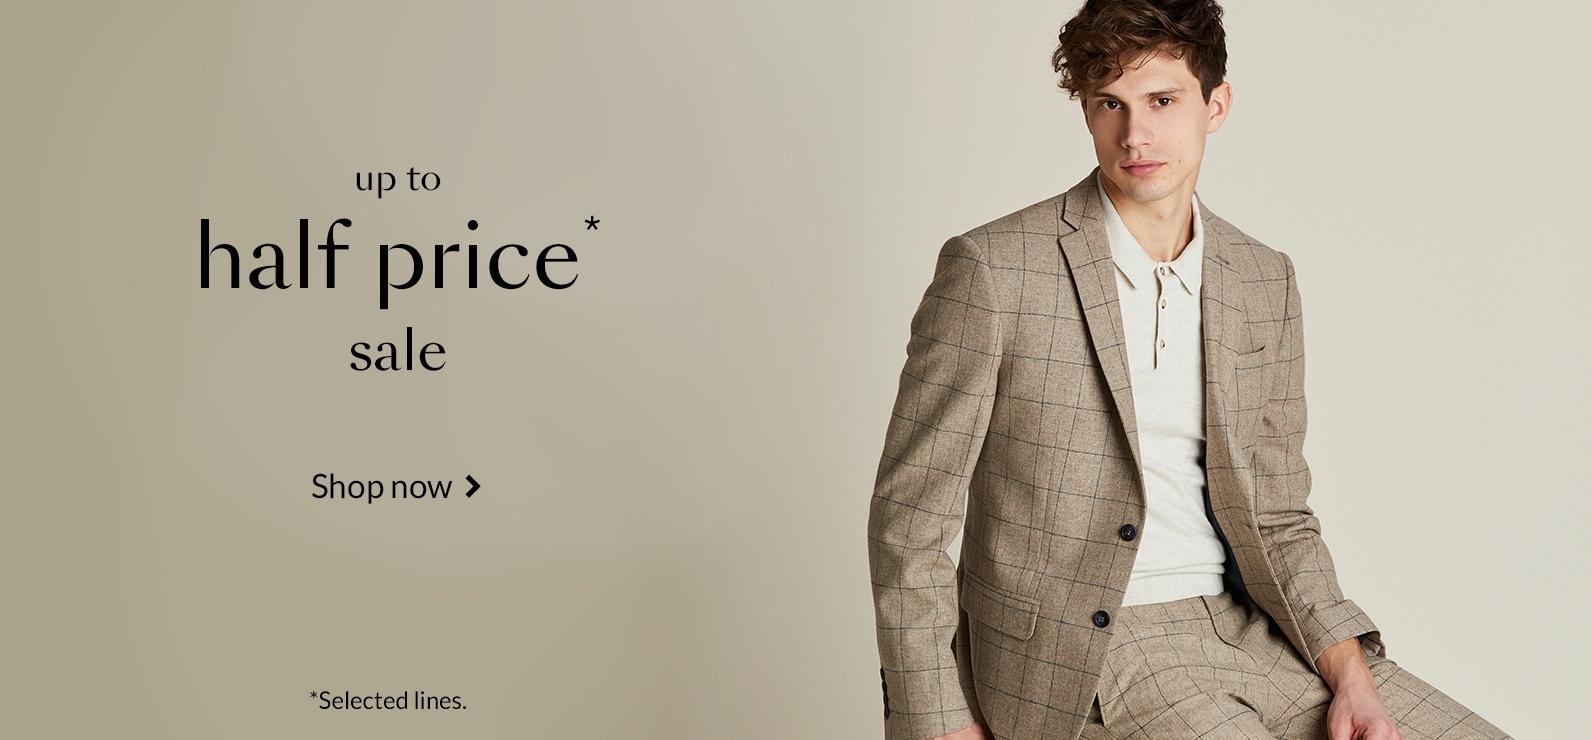 53291f1c8982 Suits - Men | Debenhams